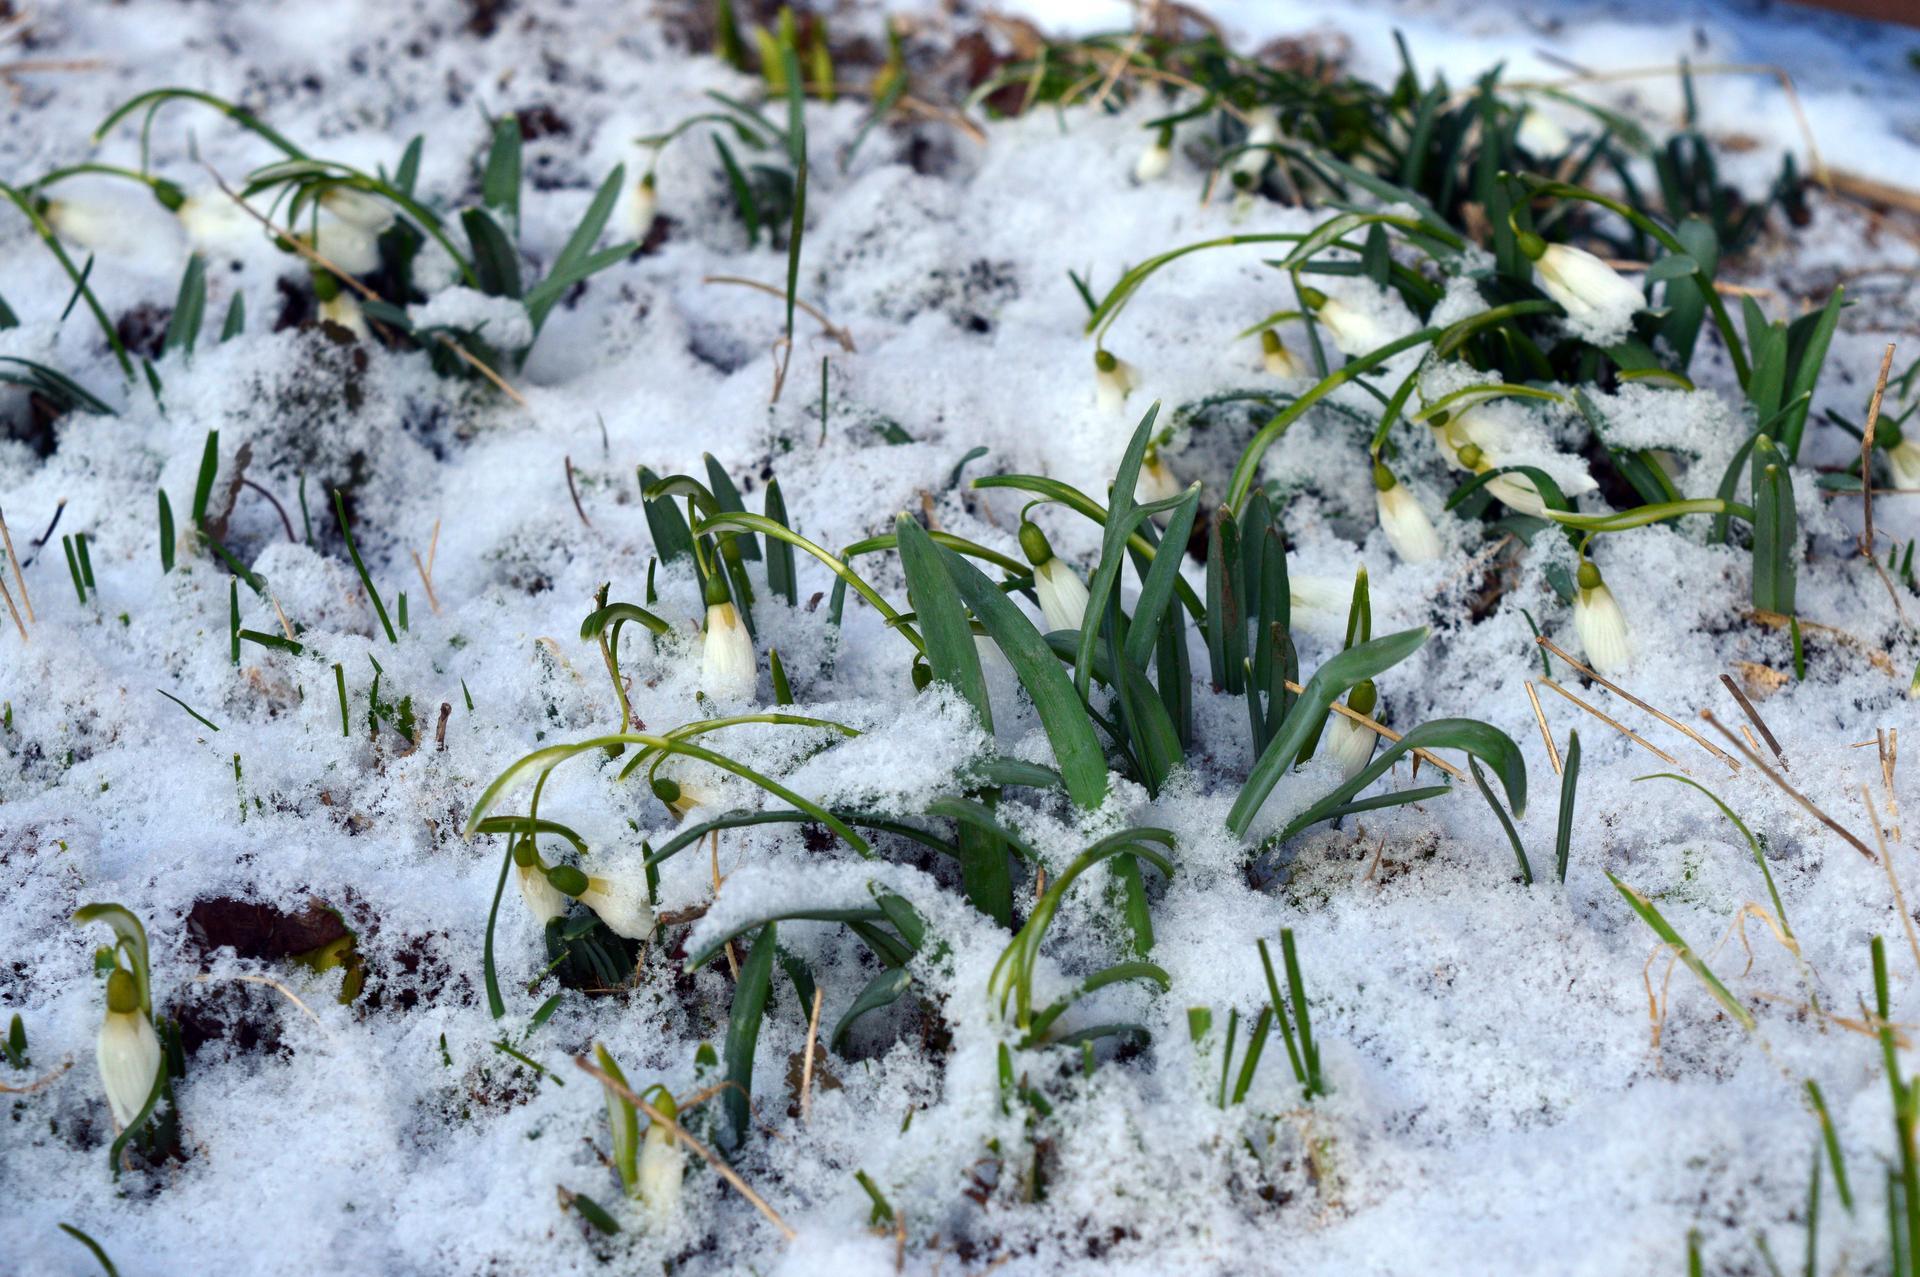 Naša prírodná perma záhradka v roku 2021 - 3/2021 - aj keď sú snežienky otužilé, ľadové vetry im dobre nerobia, ešteže trošku periny napadlo